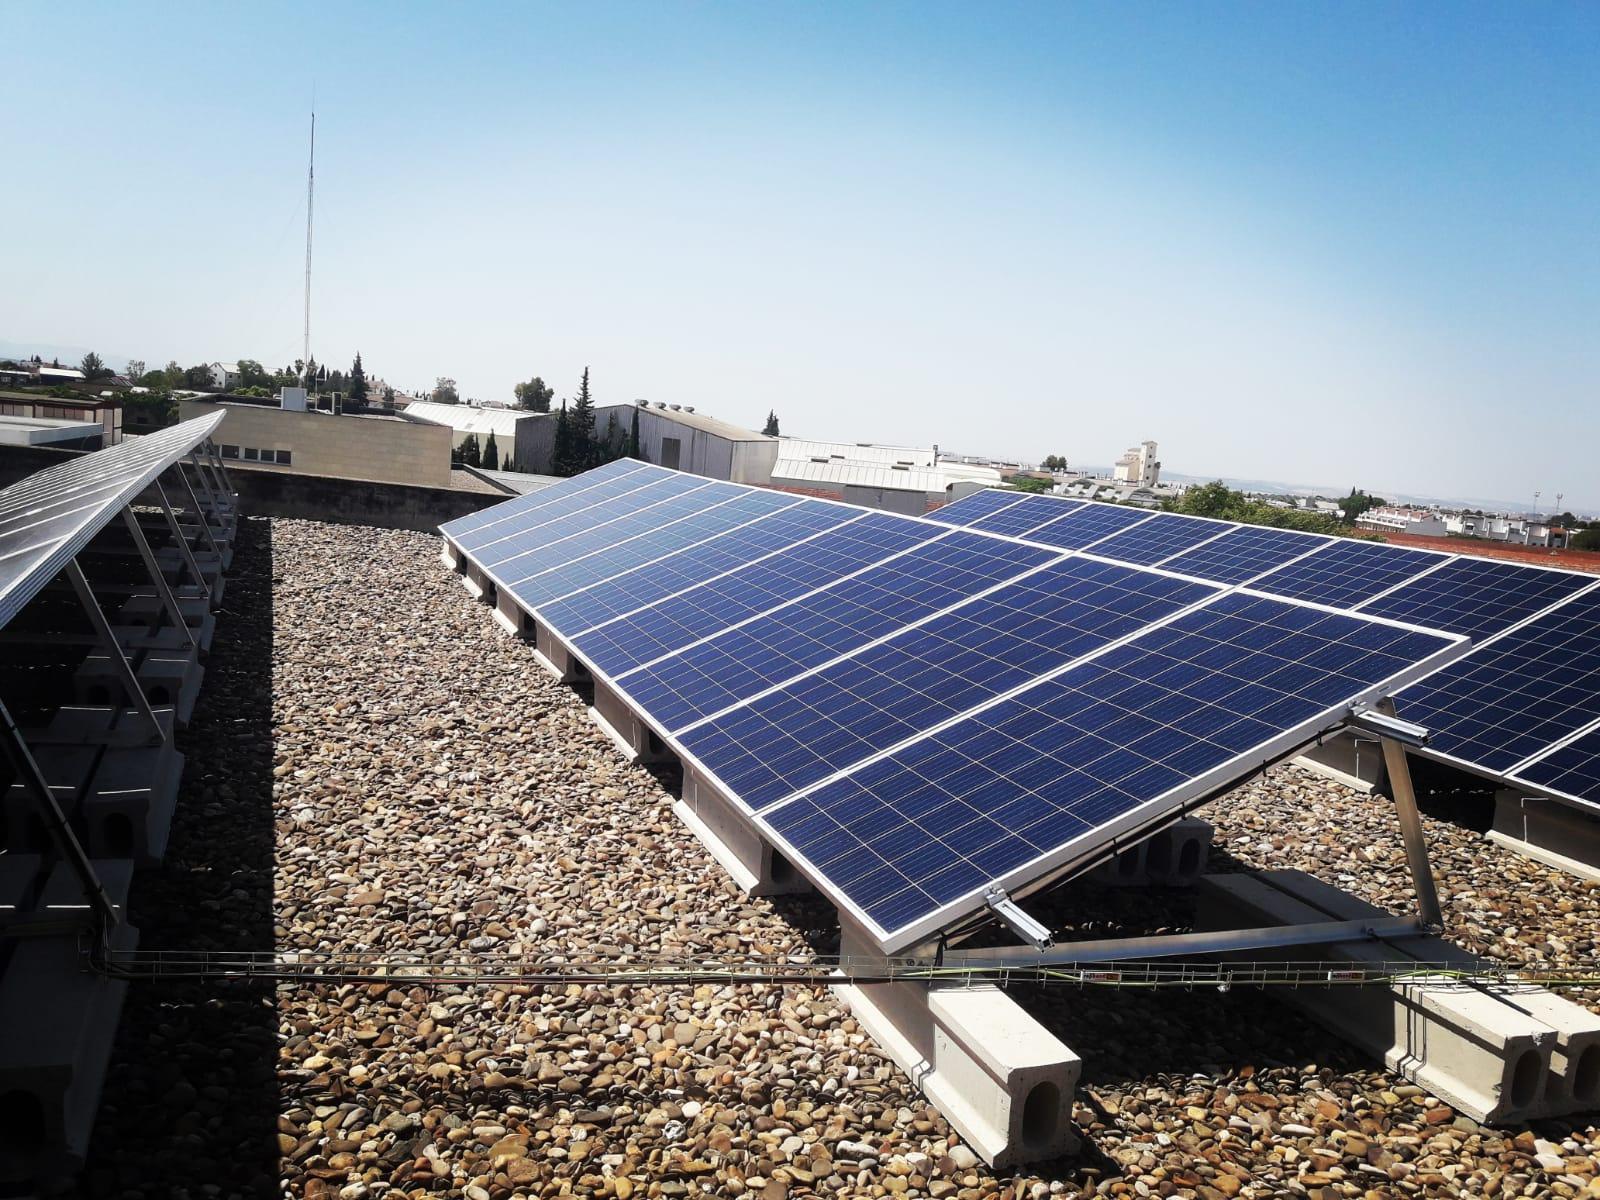 Se finaliza una nueva instalación para autoconsumo fotovoltaico en Servicios Técnicos del Ayuntamiento de Montilla